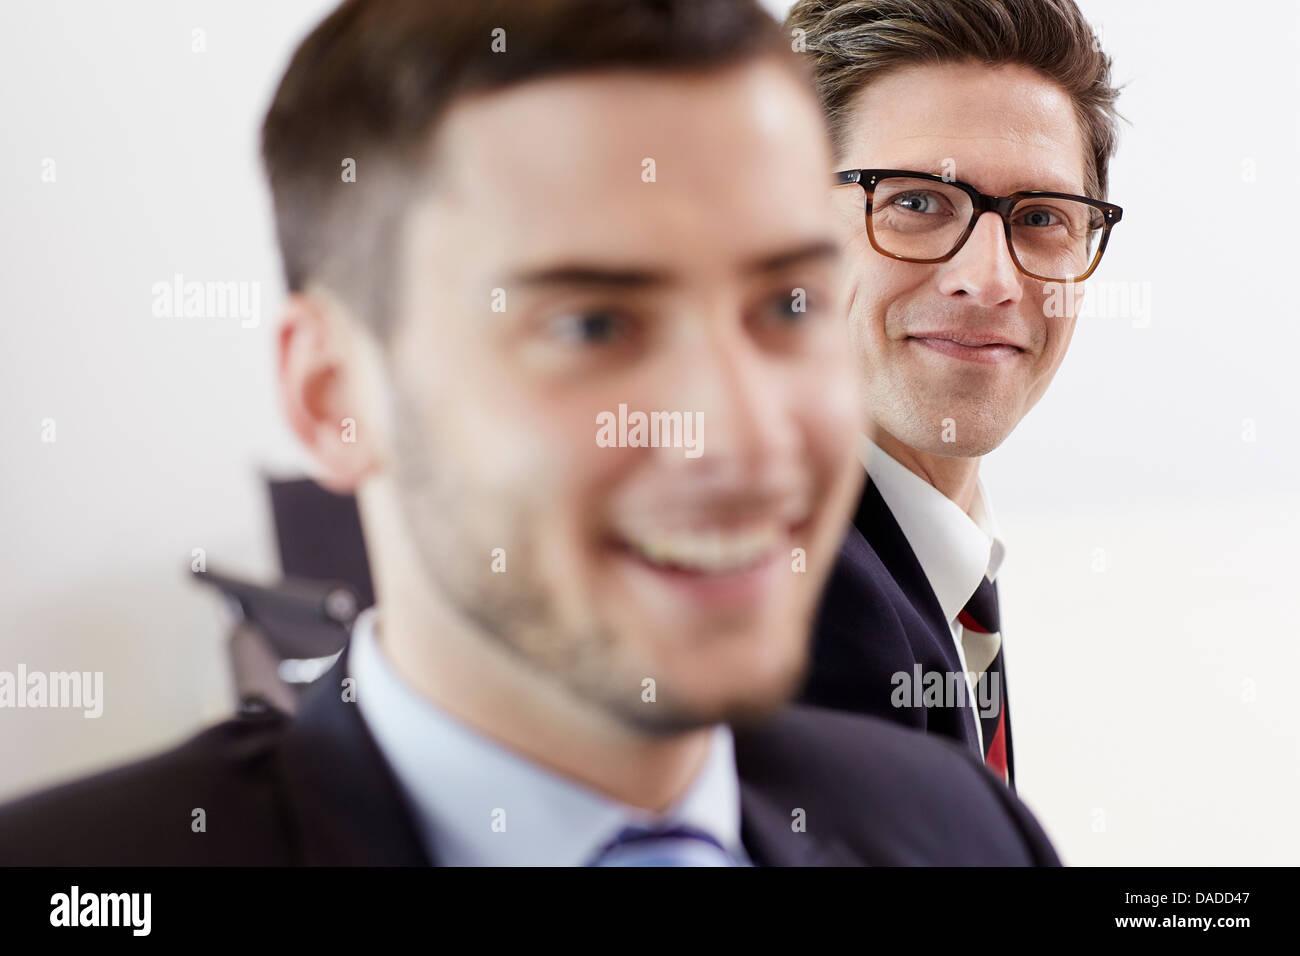 Kopfschuss von Geschäftsleuten, die lächelnd Stockbild